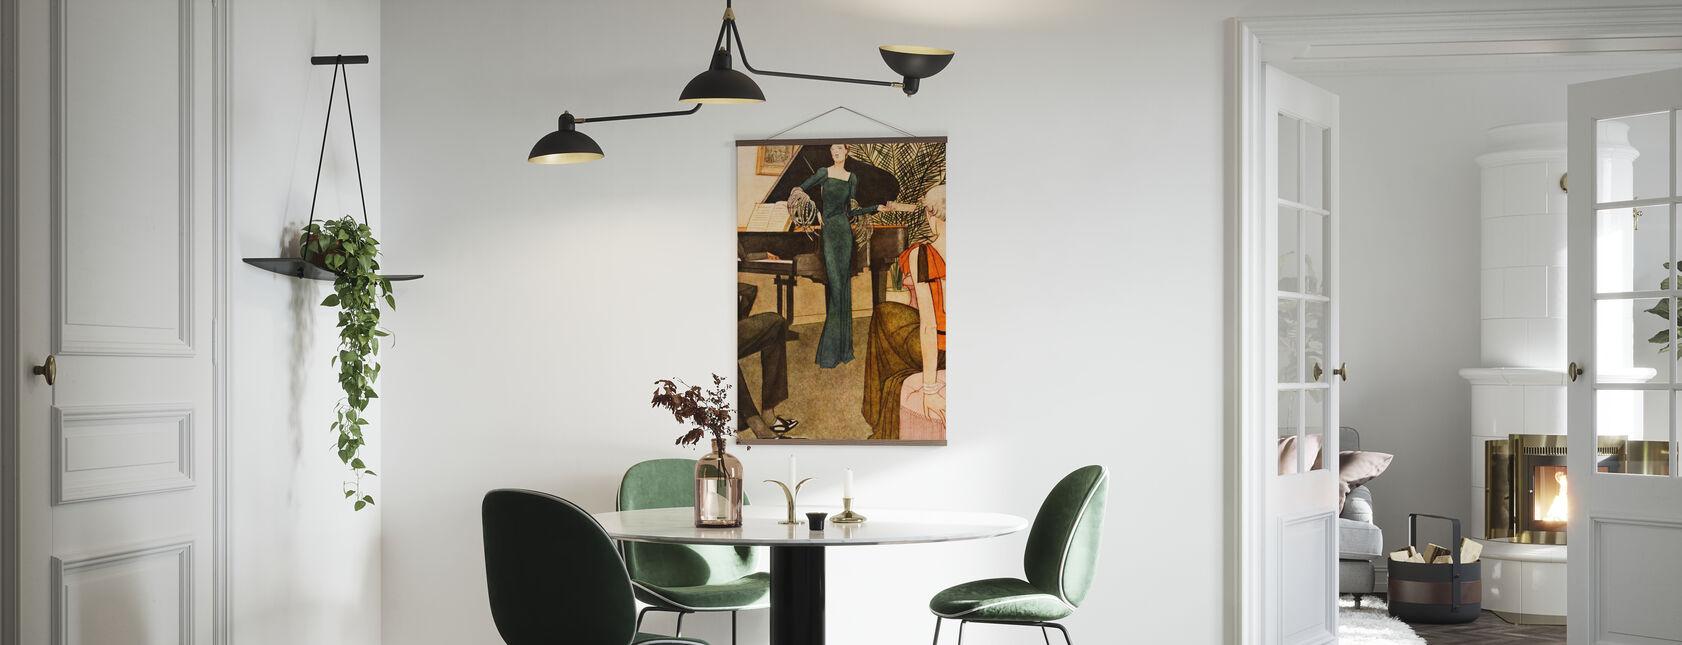 Lady diverte i suoi ospiti, Riviste nazionali - Poster - Cucina